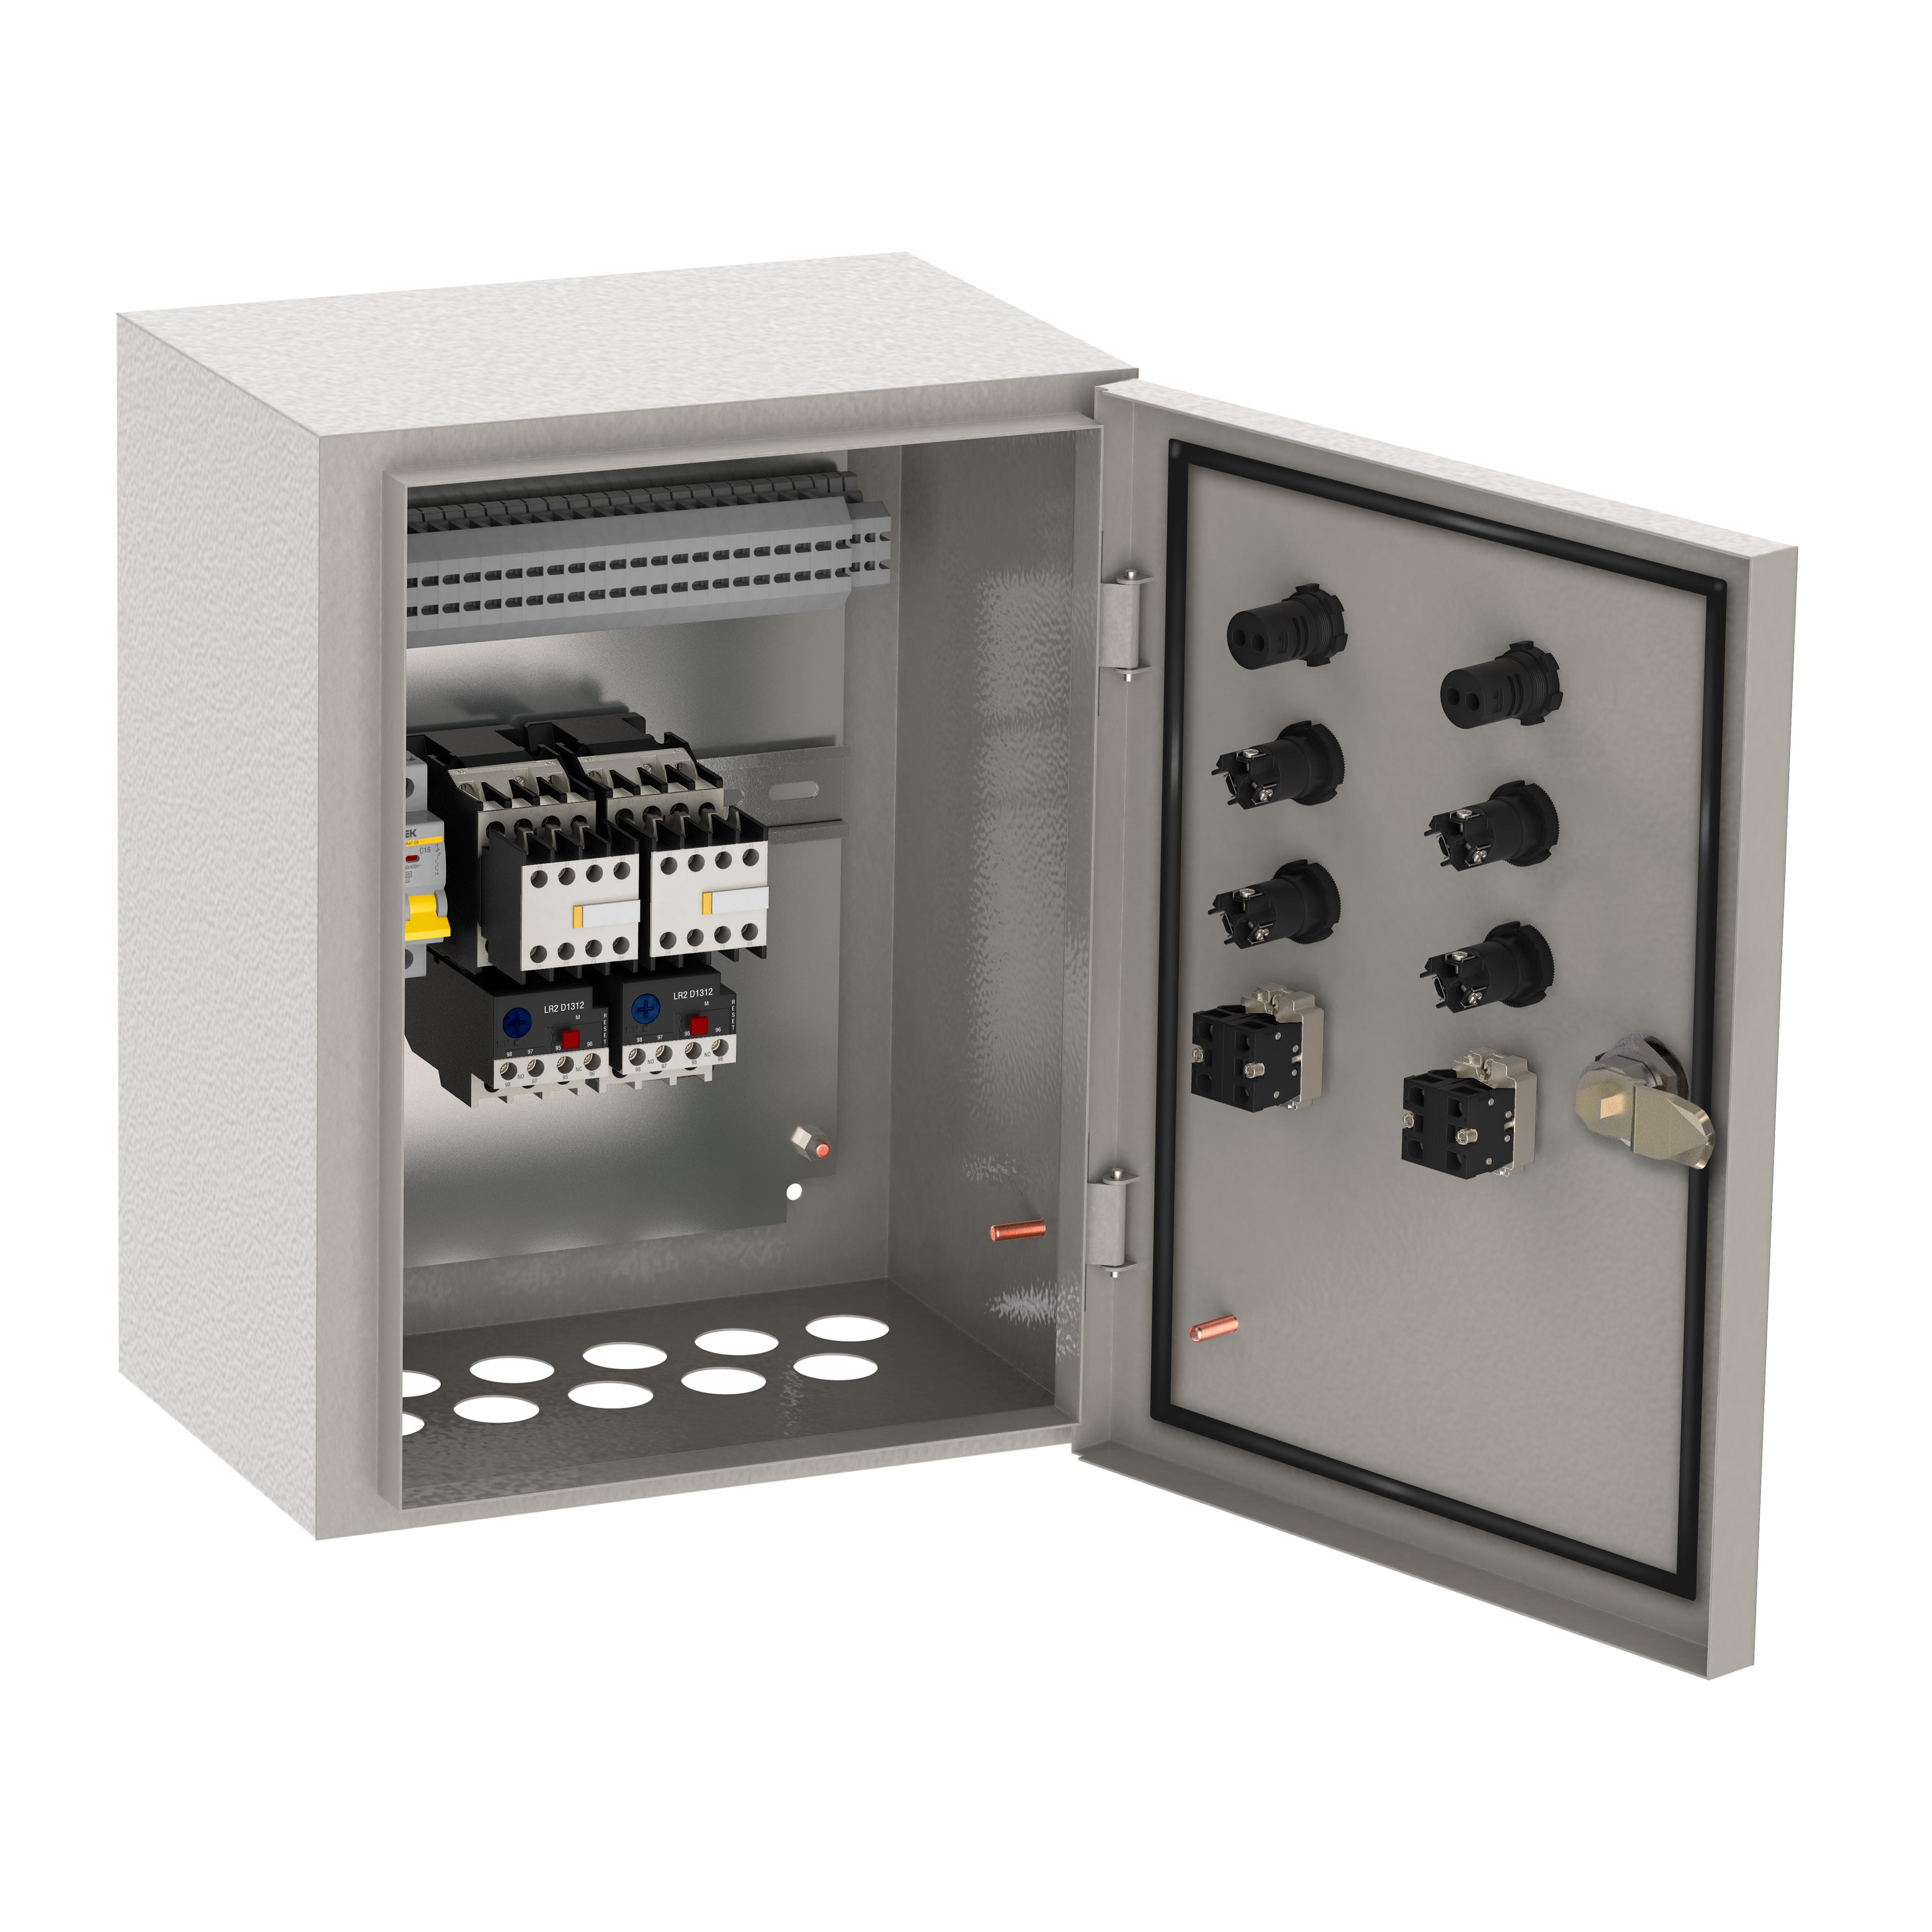 Ящик управления РУСМ5119-1874 нереверсивный 3 фидера автоматический выключатель на каждый фидер с переключателем на автоматический режим 0,6А IP54 IEK